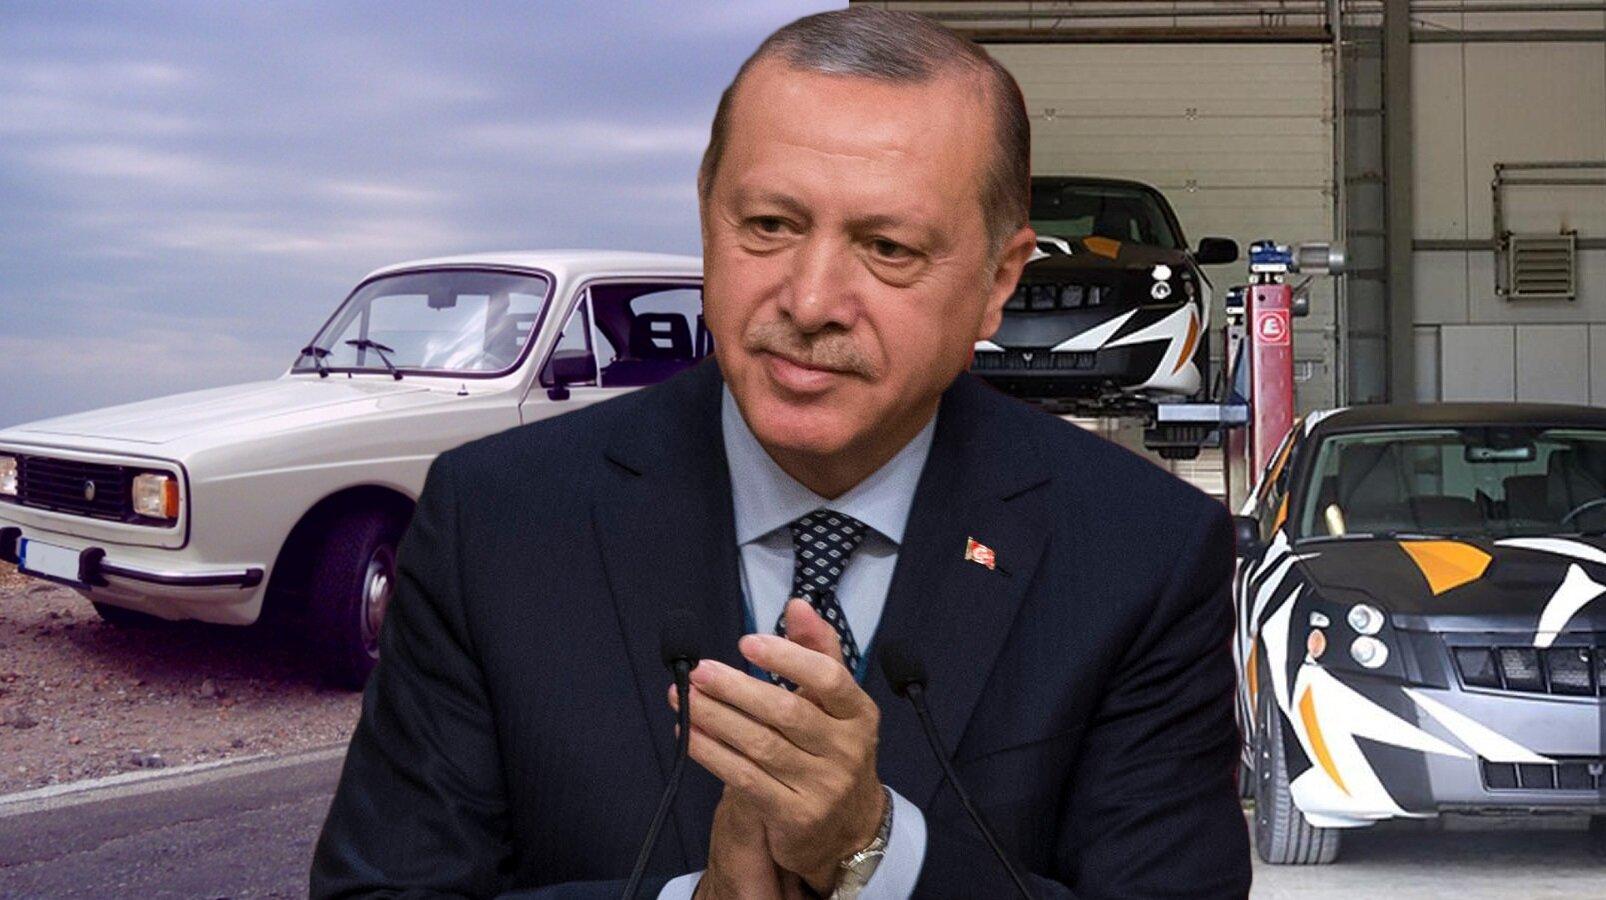 Cumhurbaşkanı Recep Tayyip Erdoğan, yarım asırlık hayali gerçekleştirdi.